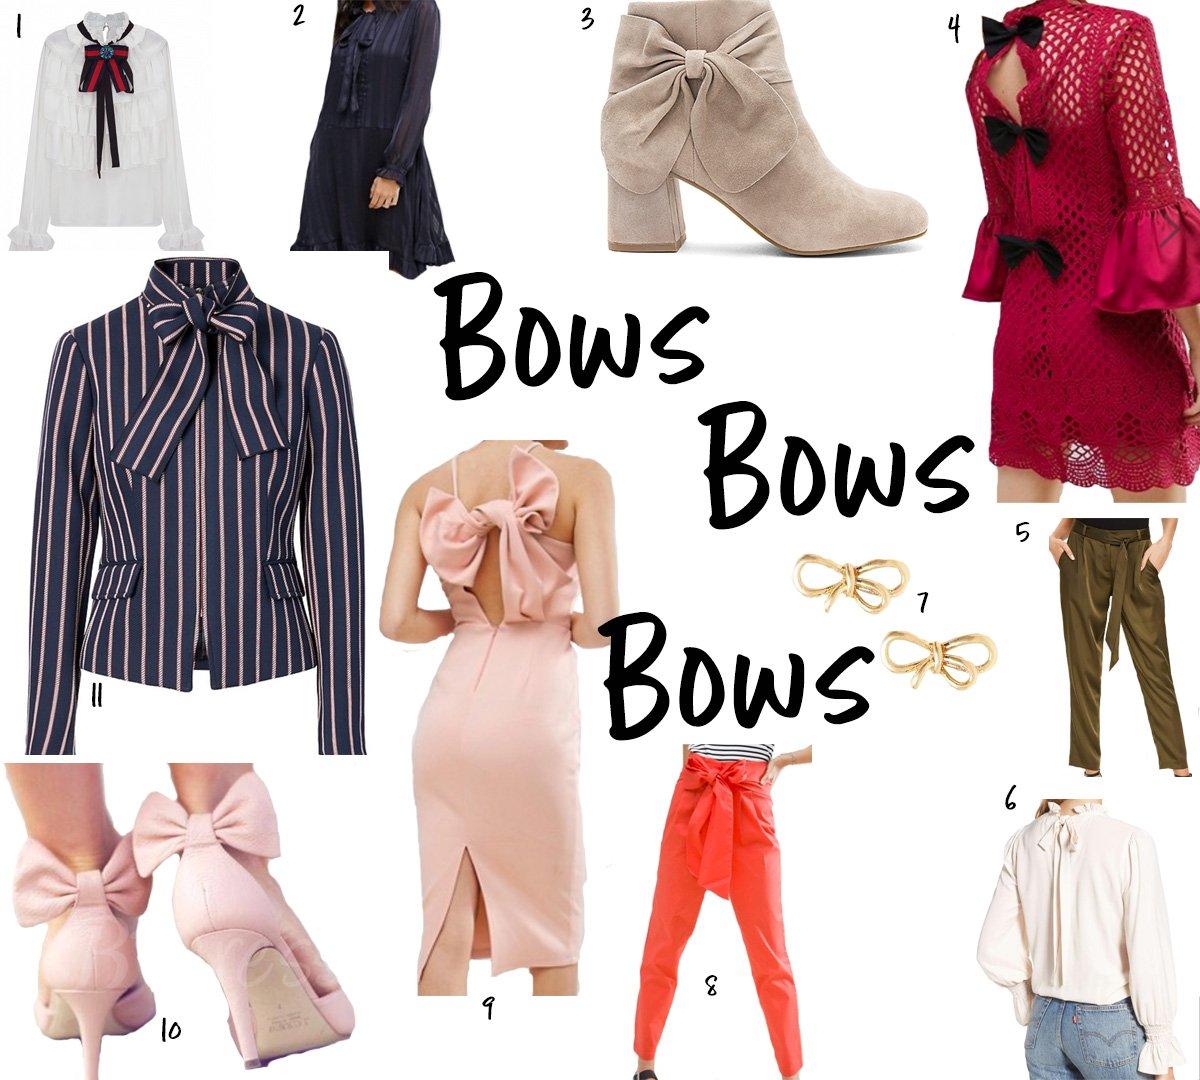 Bows-Bows-Bows